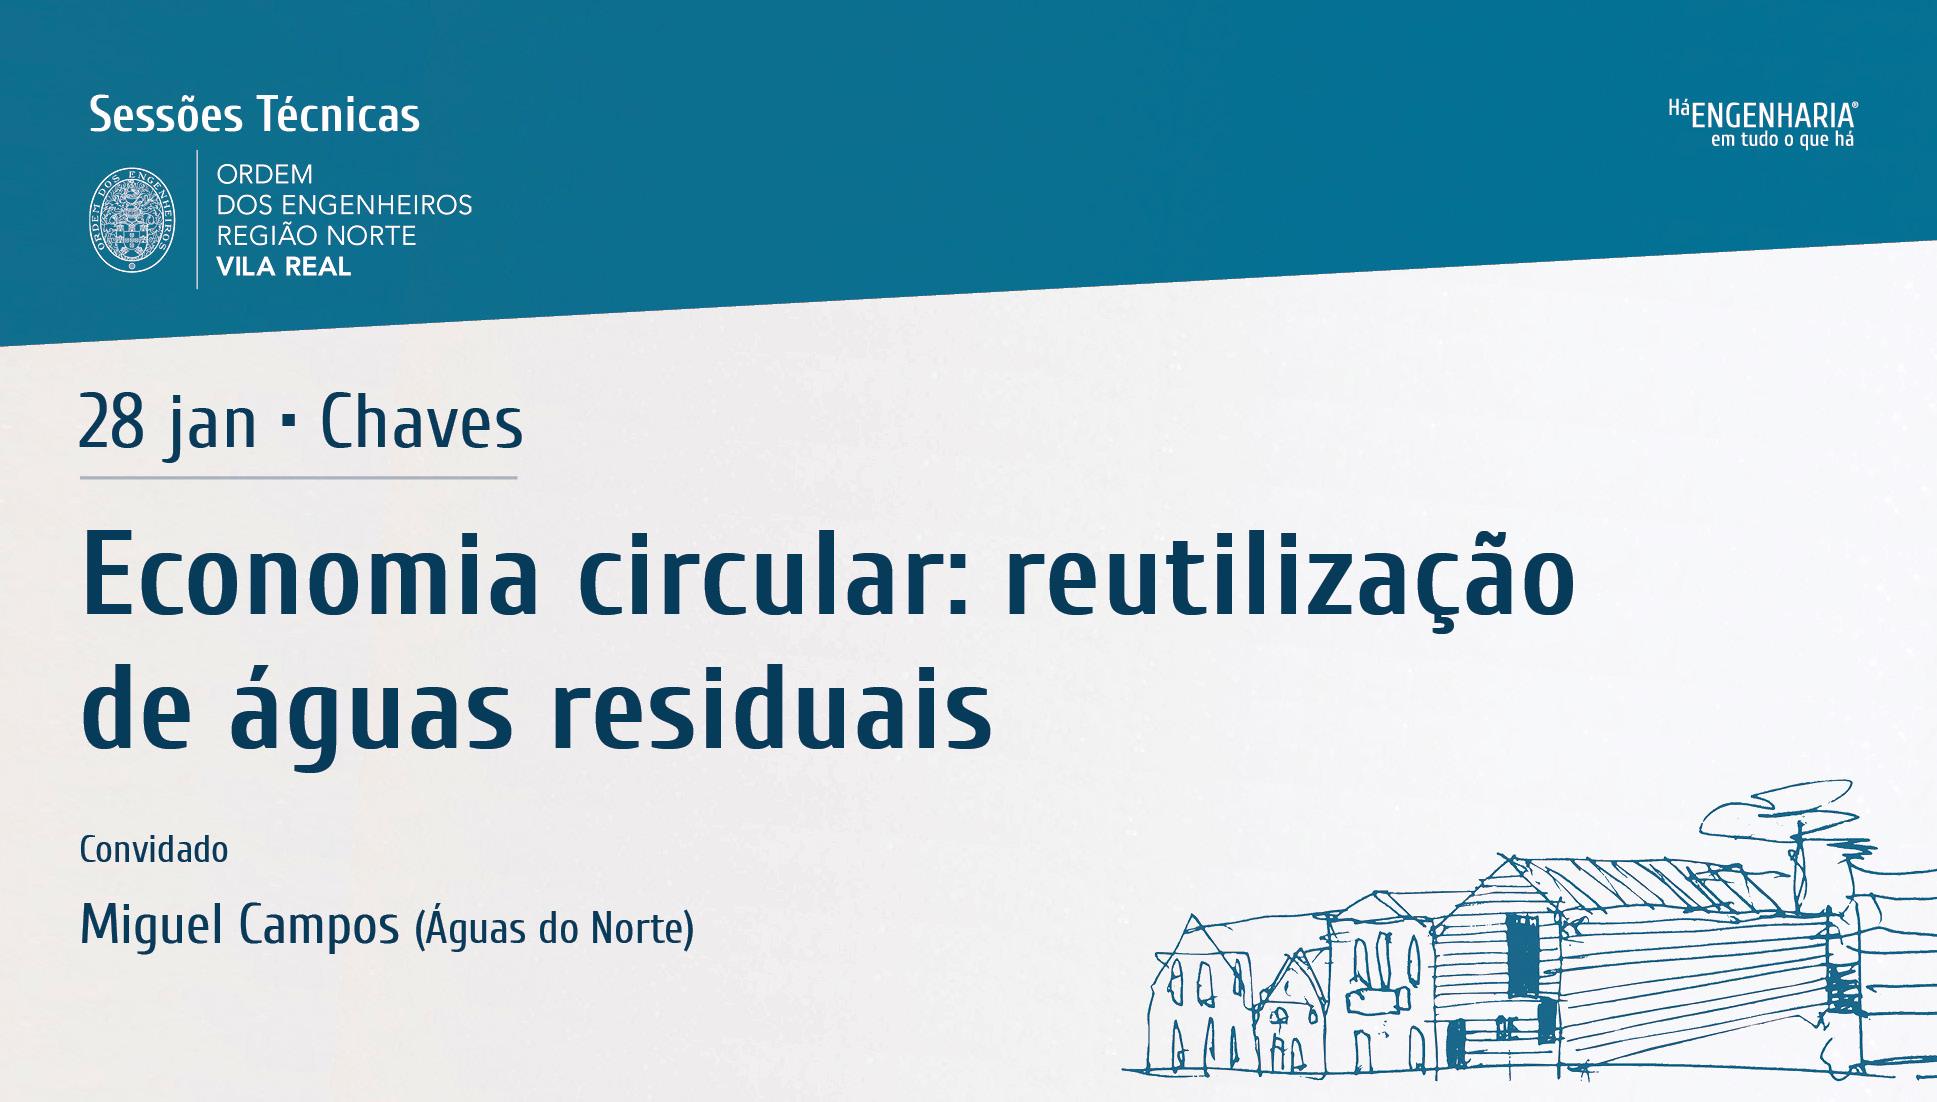 Plataforma Notícias Ordem Engenheiros Região Norte - Delegação de Vila Real com Sessão técnicas sobre economia circular